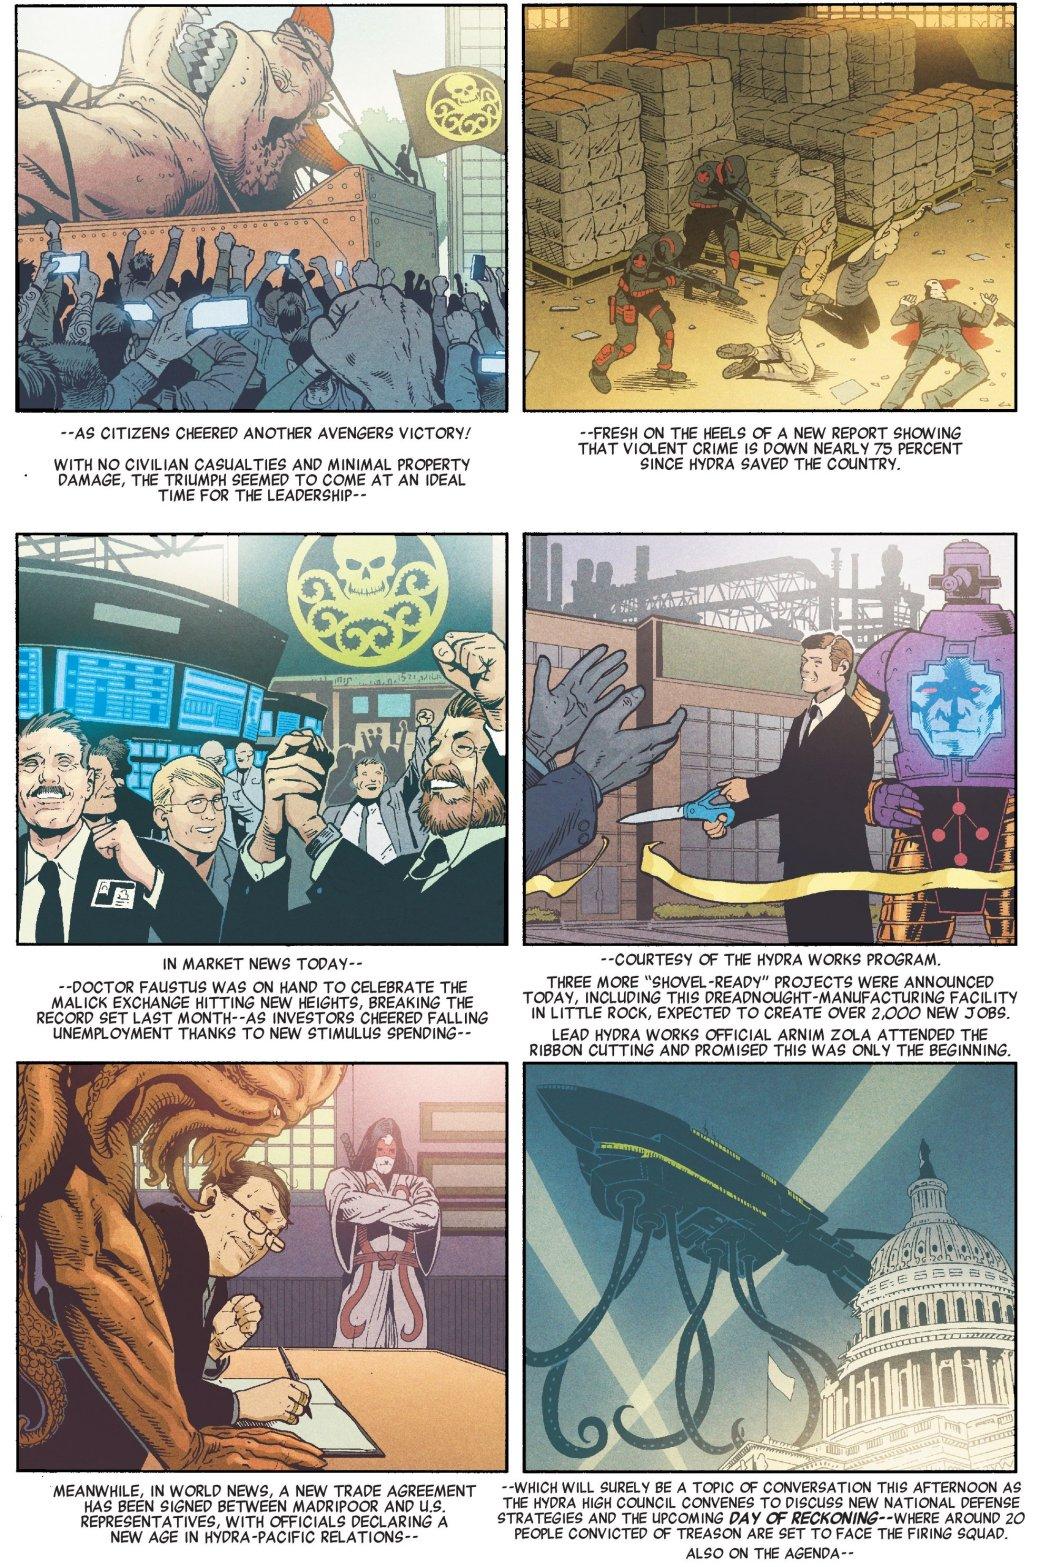 Пропаганда и концлагеря. Во что Гидра и Капитан Америка превратили США. - Изображение 10